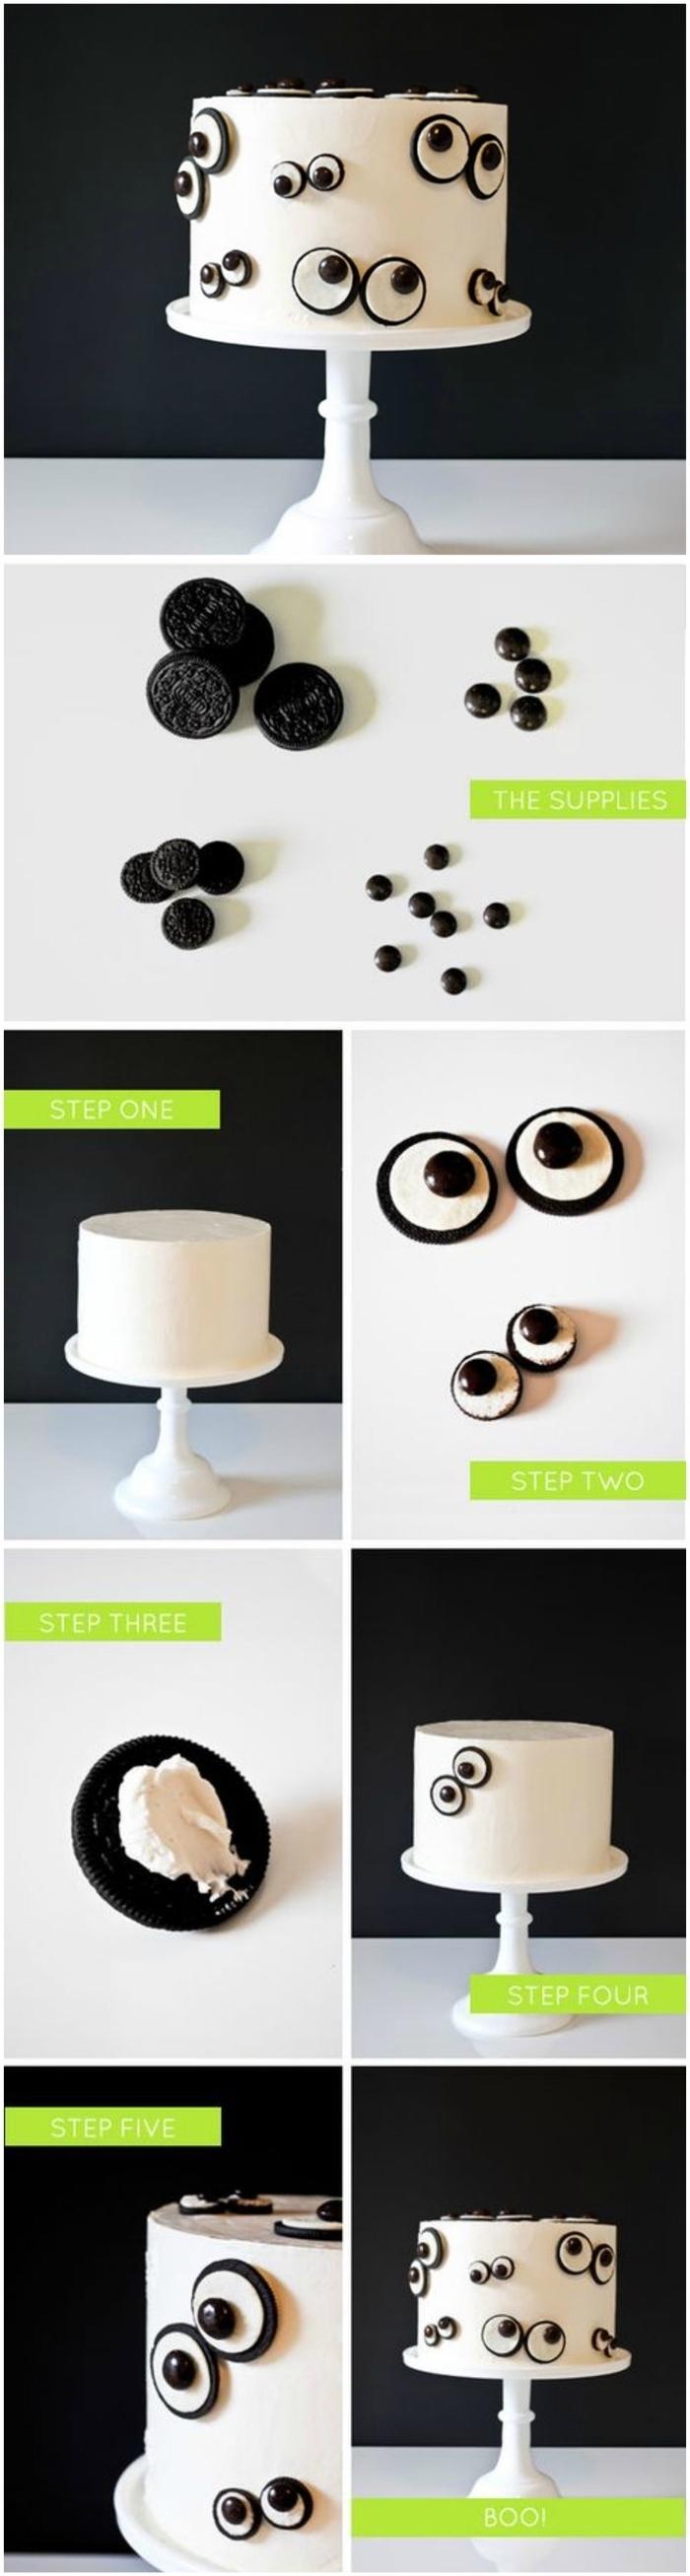 idée gateau anniversaire décoré de façon originale avec des yeux en pâte à sucre et biscuits oreo